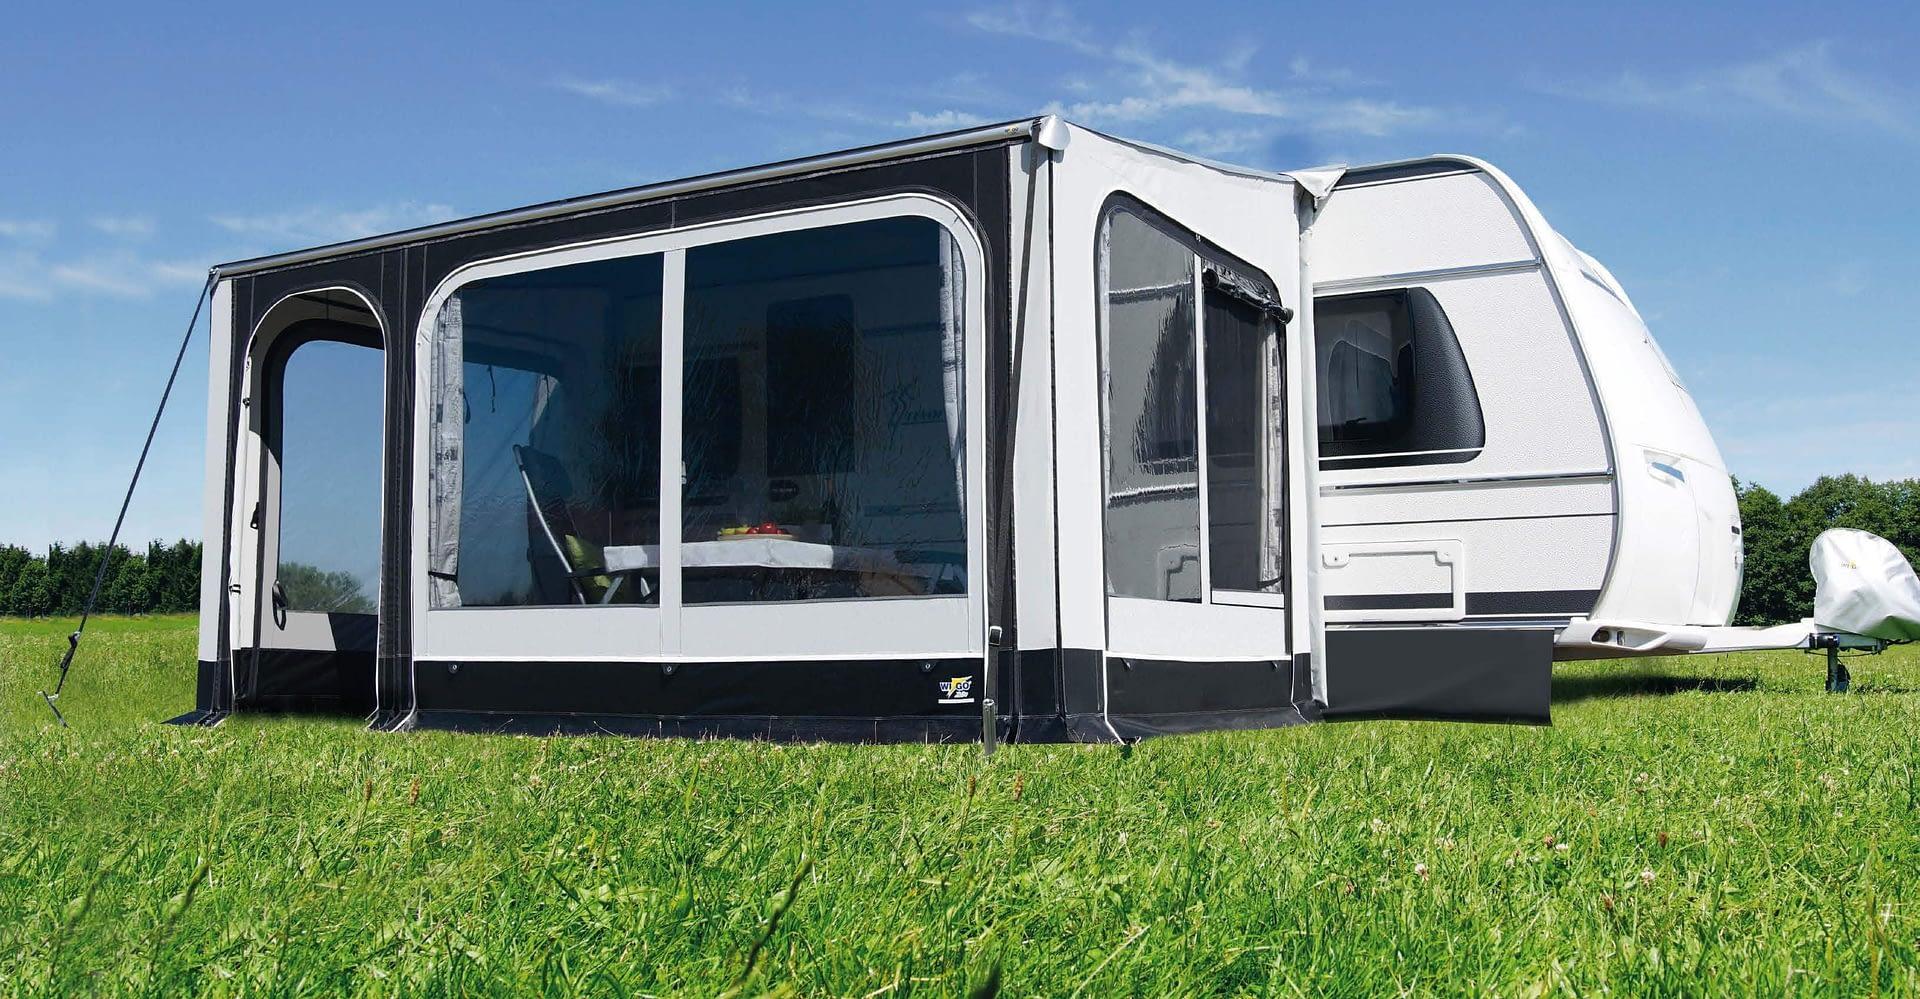 Vorzelt für Wohnwagen und Wohnmobil  Camper Brandt